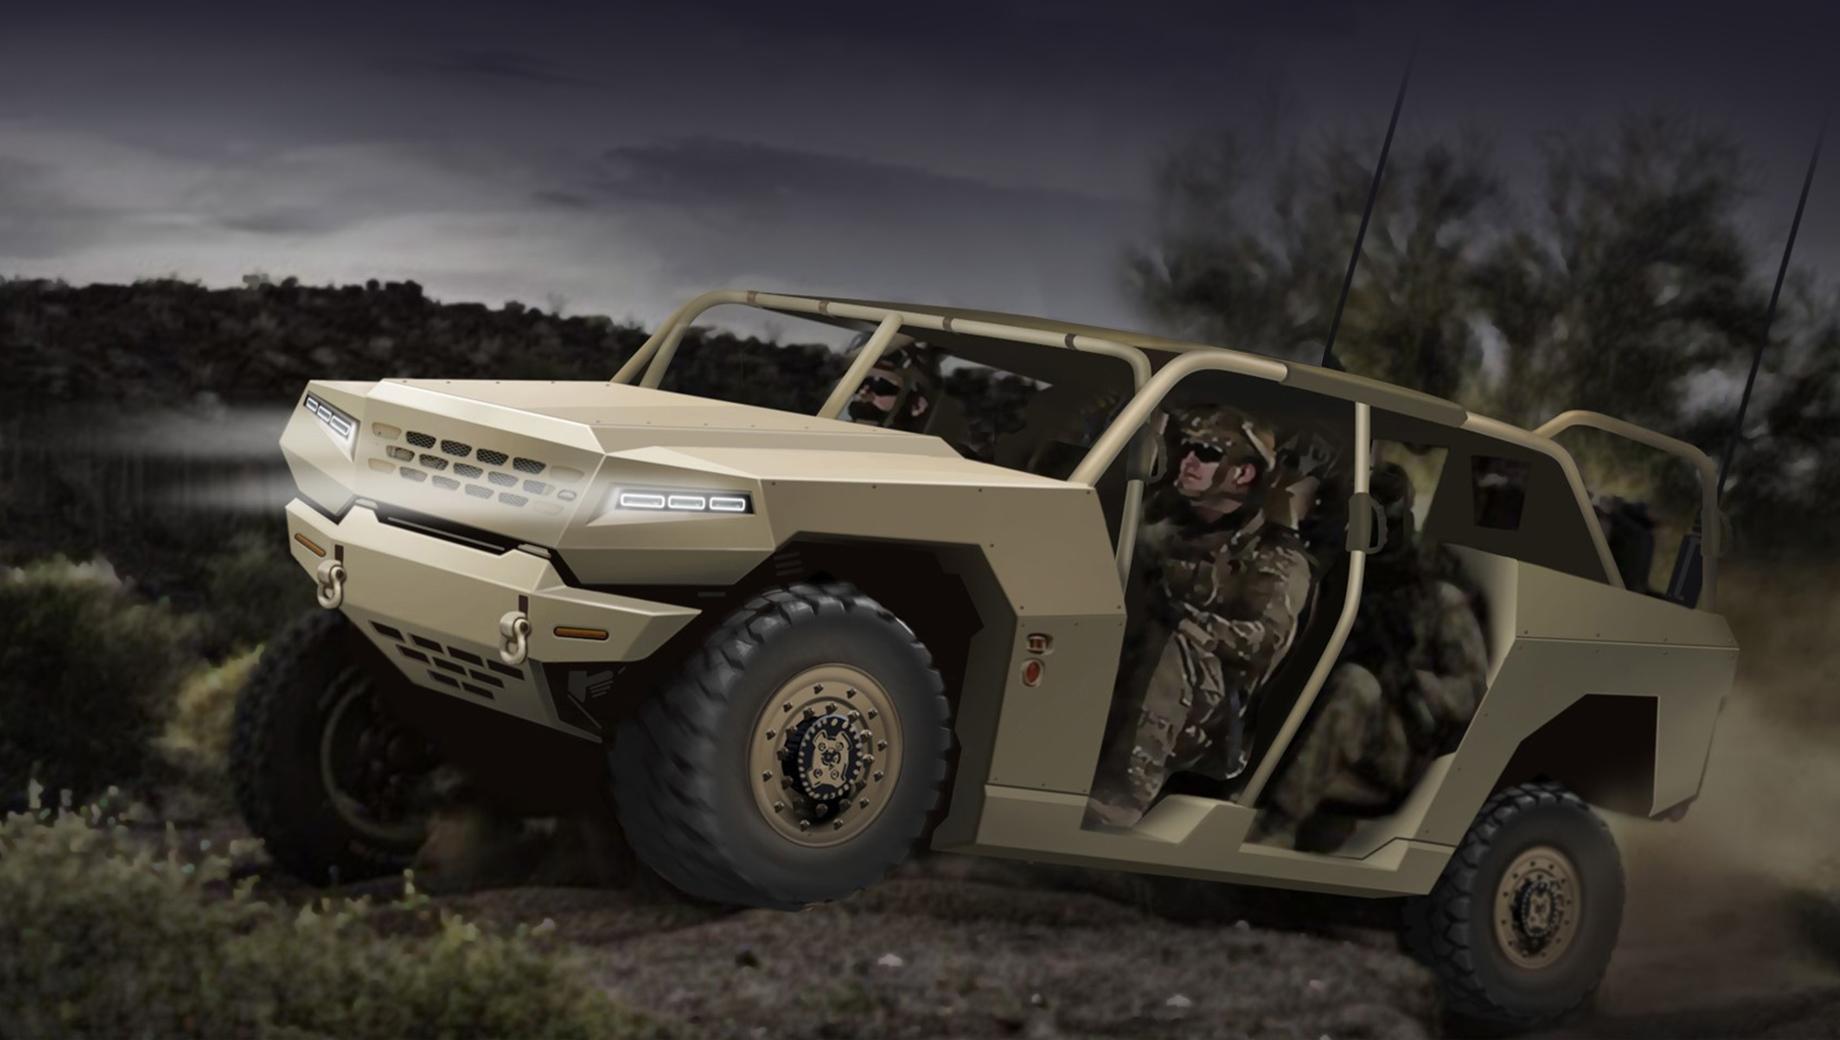 Kia mohave,Kia atv. В данном проекте корейцы применят подход, аналогичный тому, что был использован GM при создании вездехода Defense Infantry Squad Vehicle или маркой Jeep в Extreme Military-Grade Truck: «гражданские» компоненты и узлы адаптируются к военному применению.